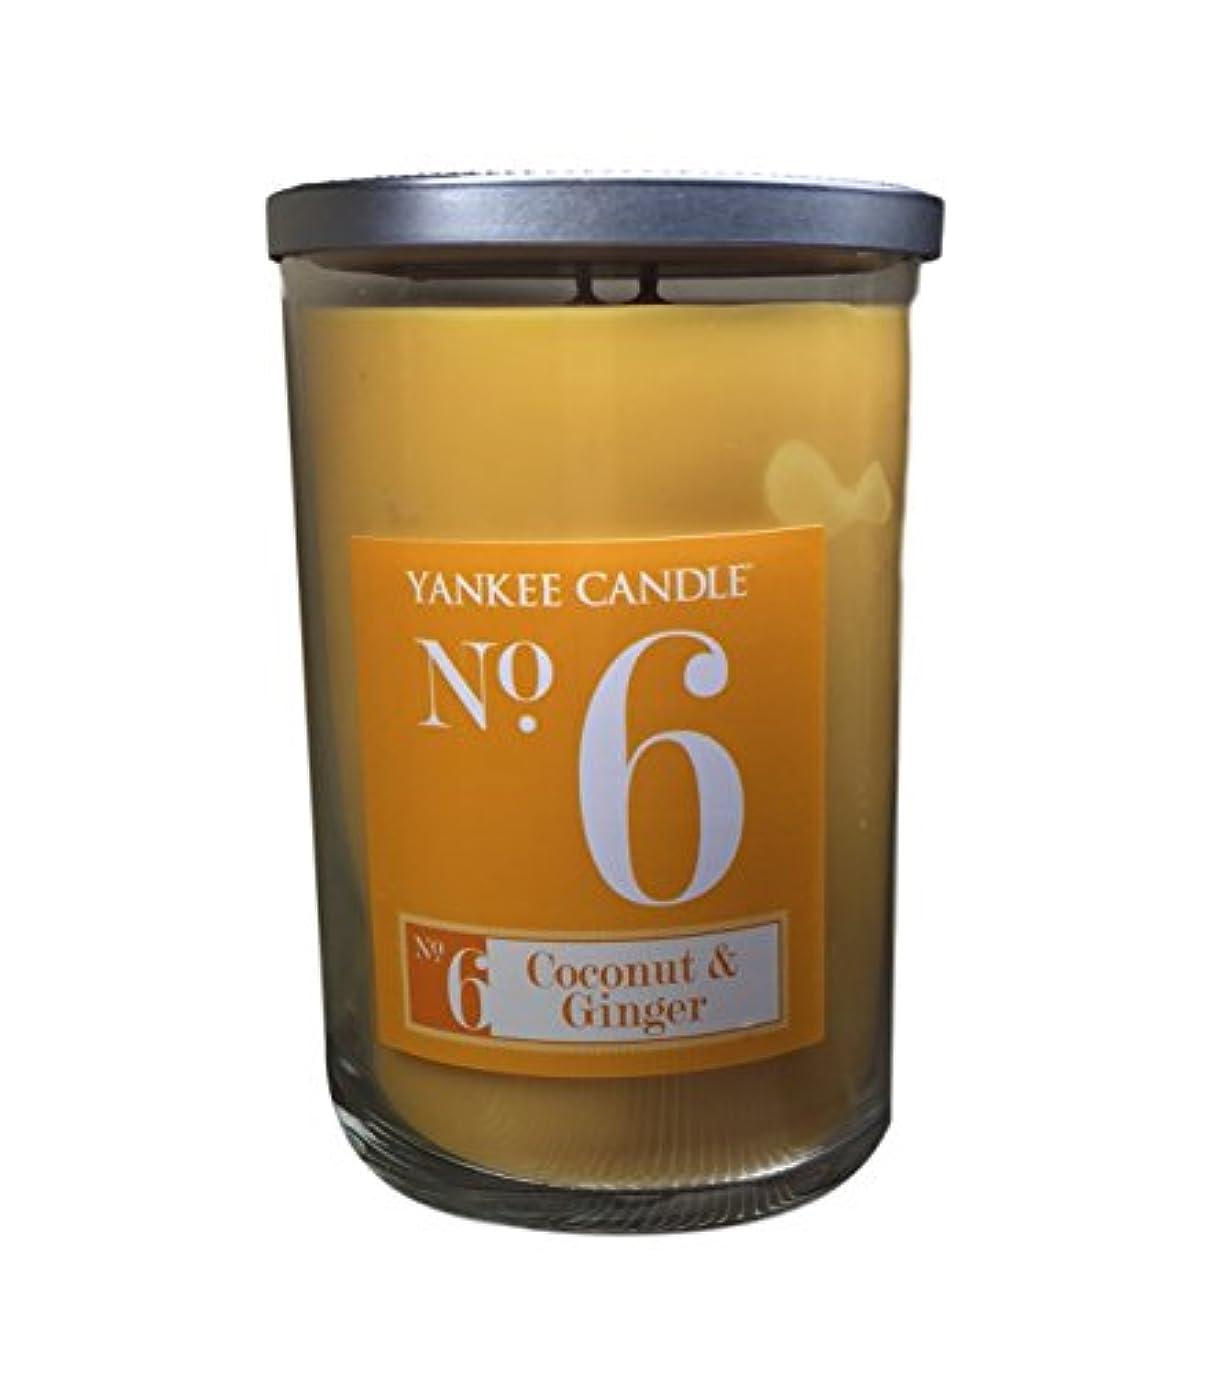 協会スーパーマーケットホームYankee Candle No 6 Coconut & Ginger香りつきLarge 2 Wickタンブラー